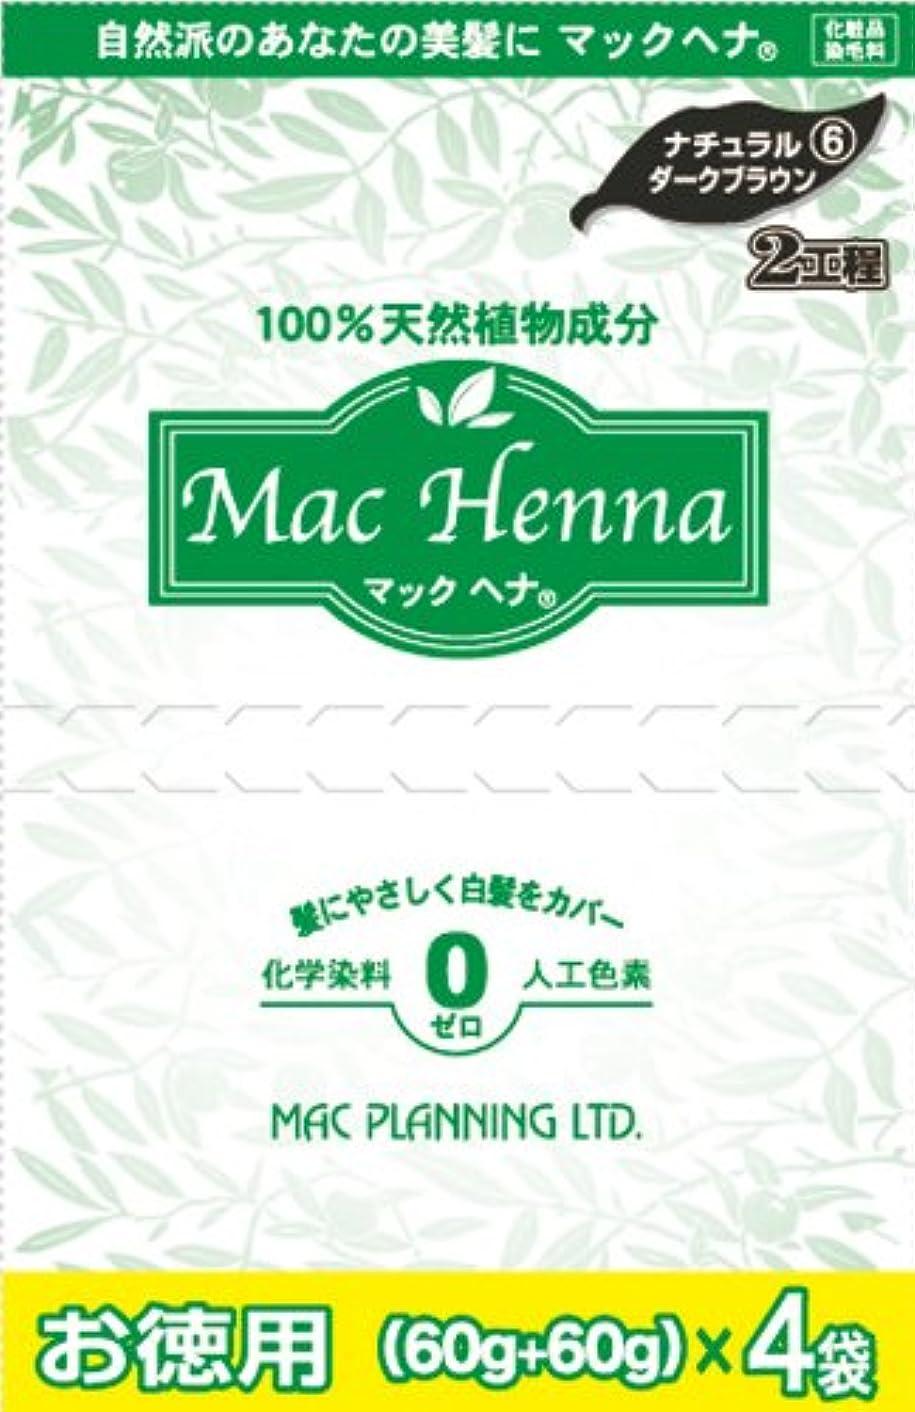 前投薬レイプ些細な天然植物原料100% 無添加 マックヘナ お徳用(ナチュラルダークブラウン)-6  ヘナ240g(60g×4袋)?インディゴ240g(60g×4袋) 2箱セット